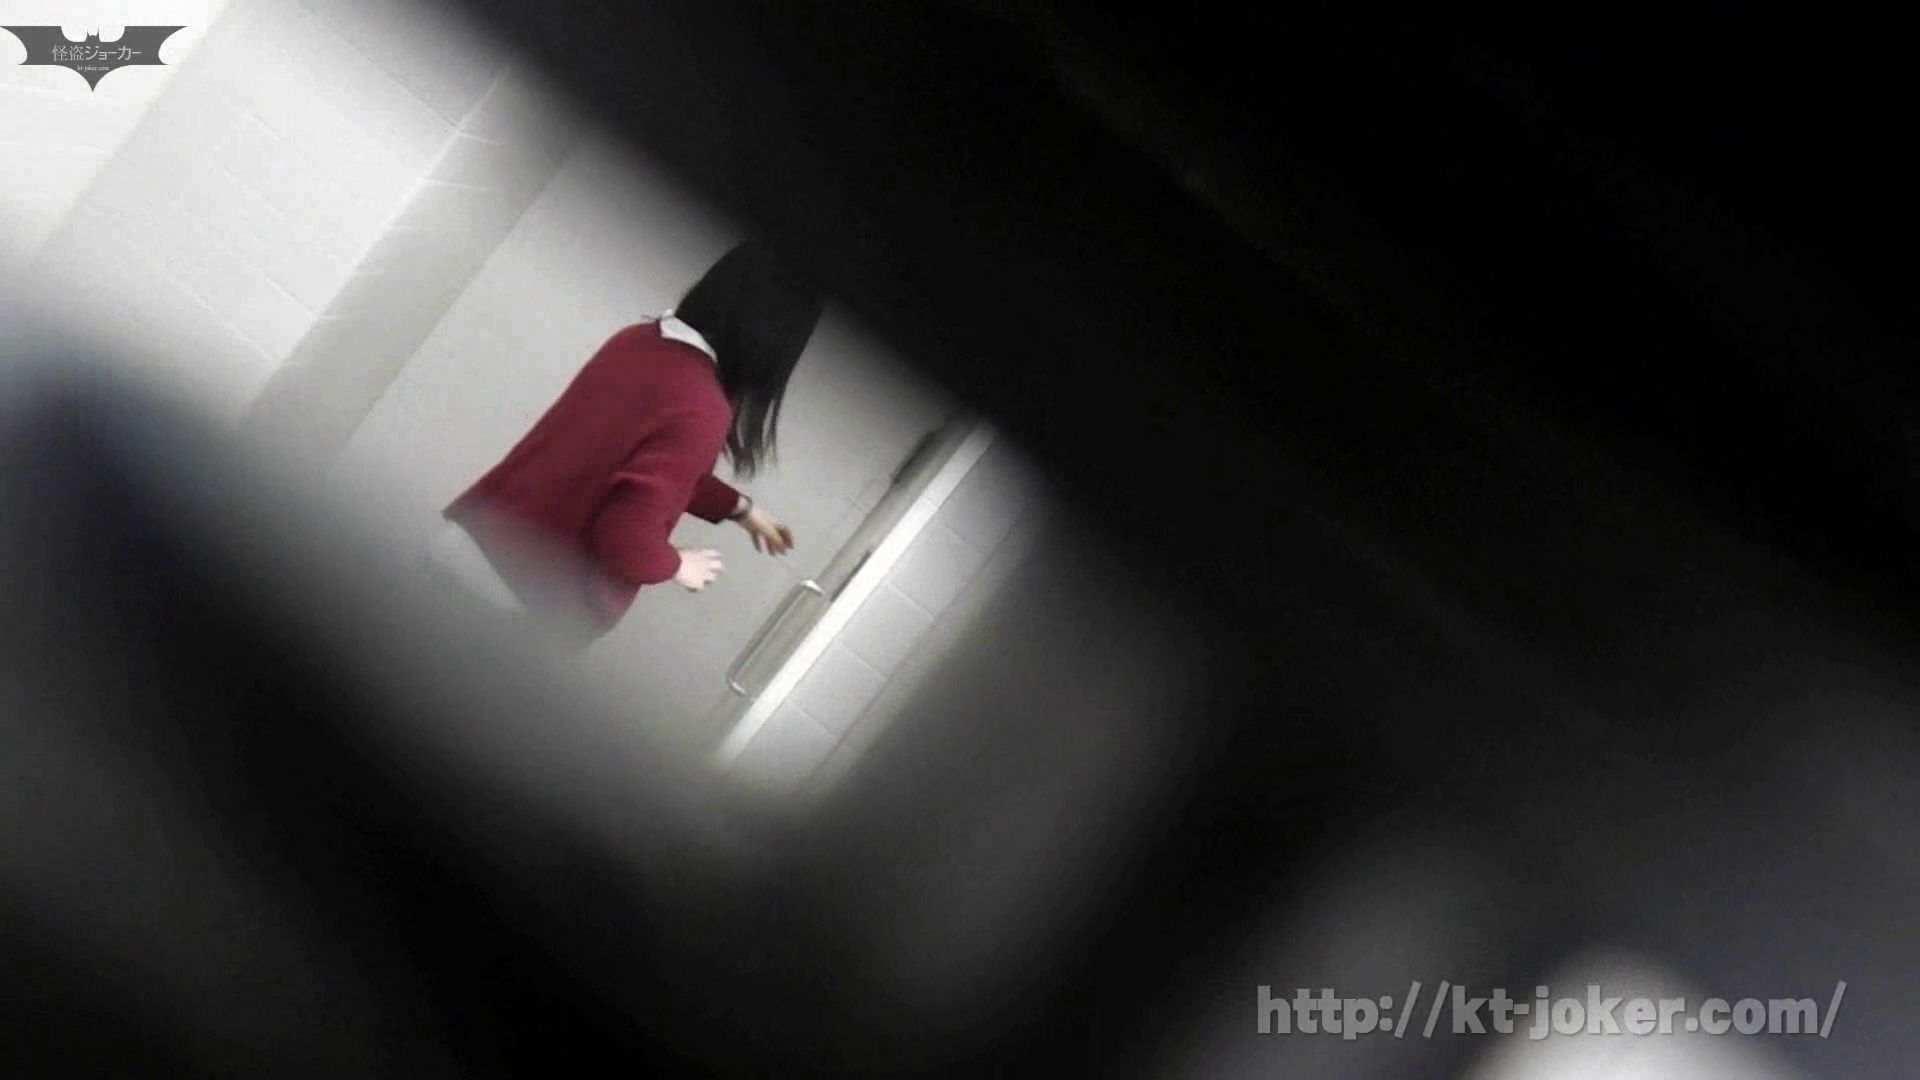 命がけ潜伏洗面所! vol.56 ピンチ!!「鏡の前で祈る女性」にばれる危機 洗面所はめどり | プライベート  57画像 10